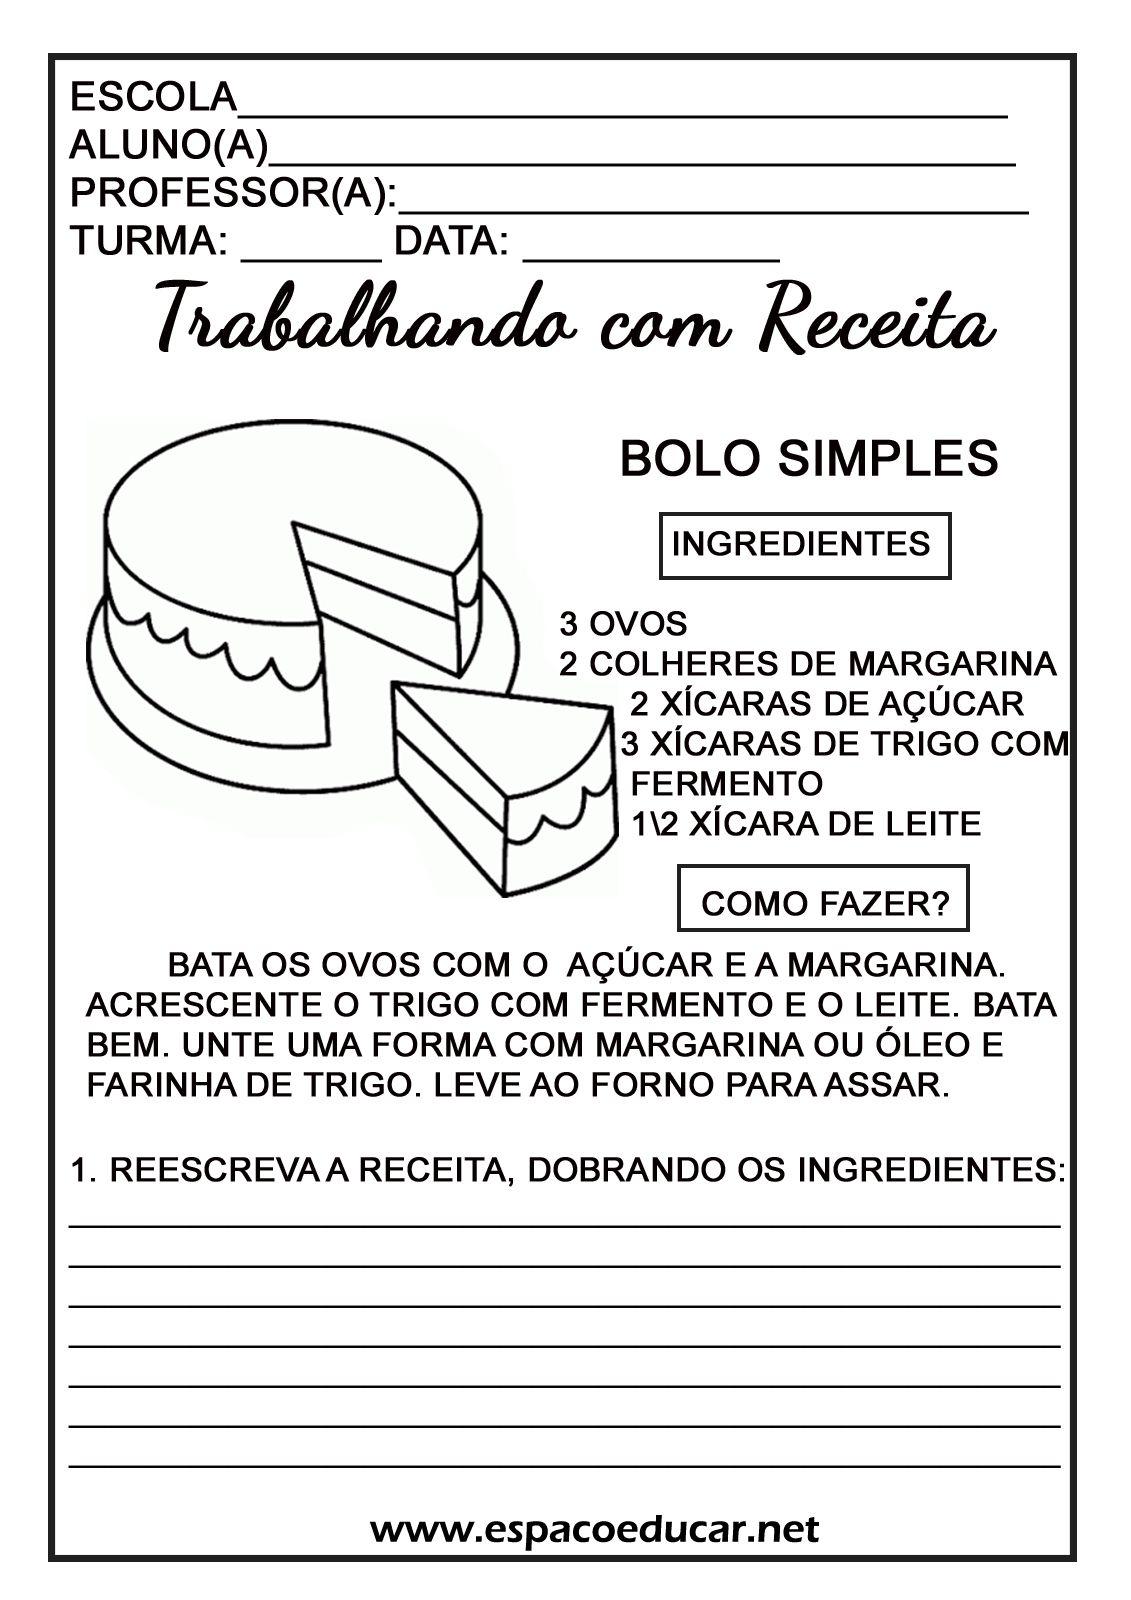 Conhecido RECEITA-BOLO-ESPACO-EDUCAR-ATIVIDADE-TEXTO.jpg (1131×1600) | at  LX78